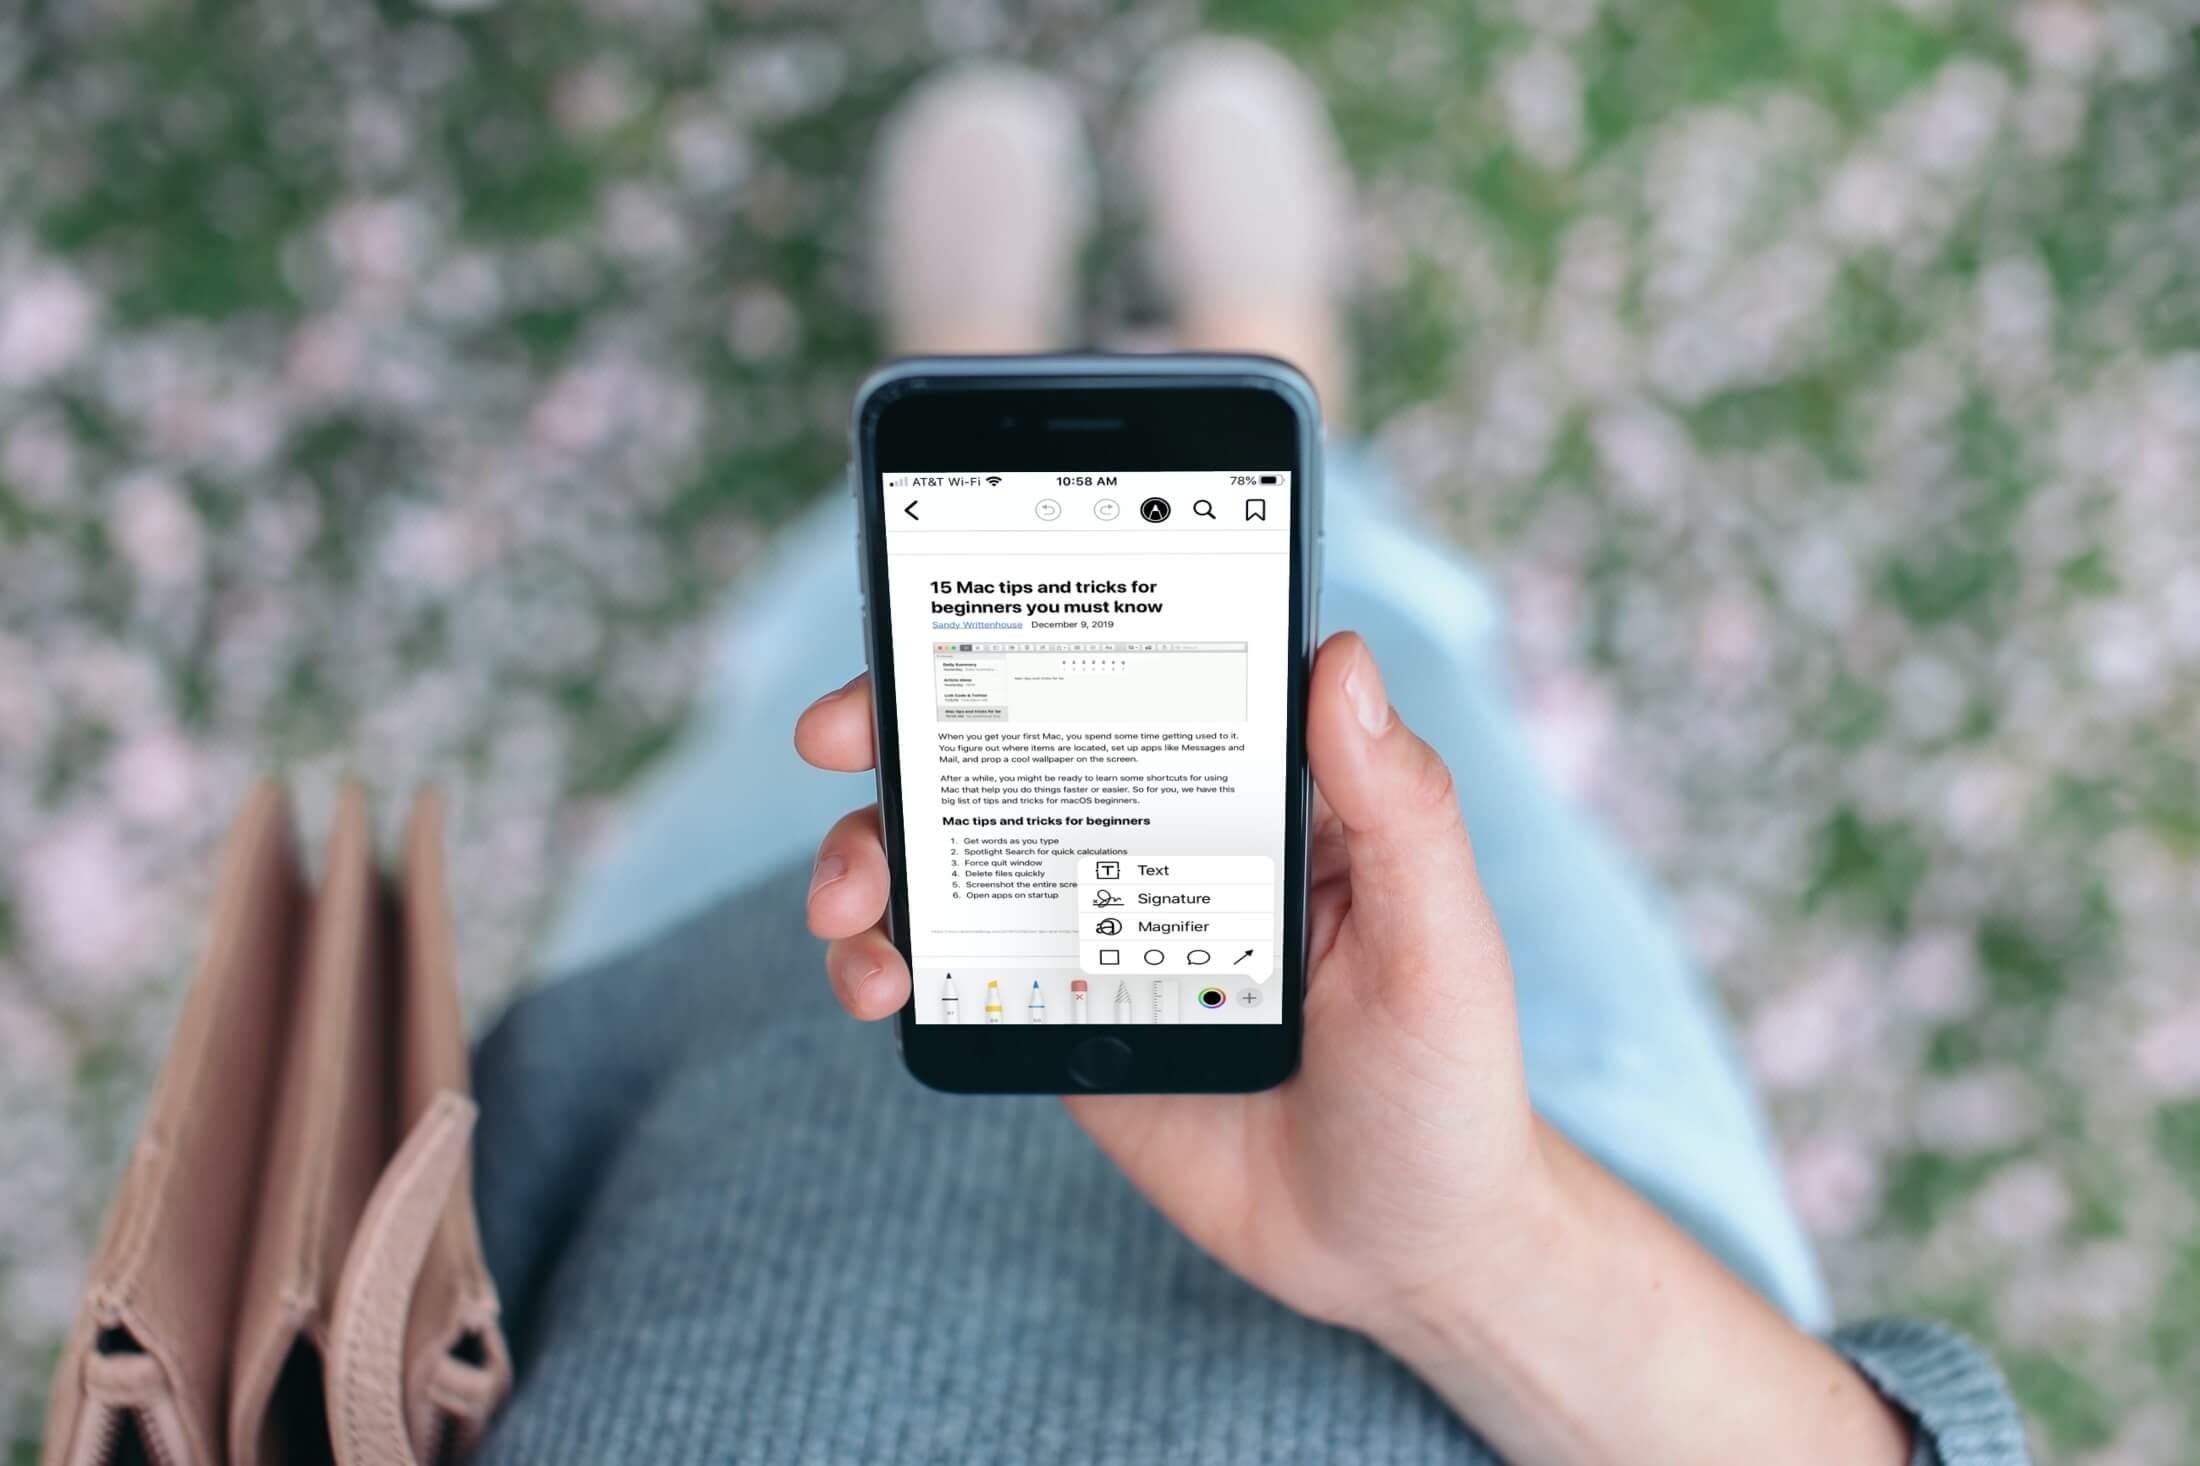 Cách mới và tốt hơn để đăng nhập trên iPhone của chúng tôi 7